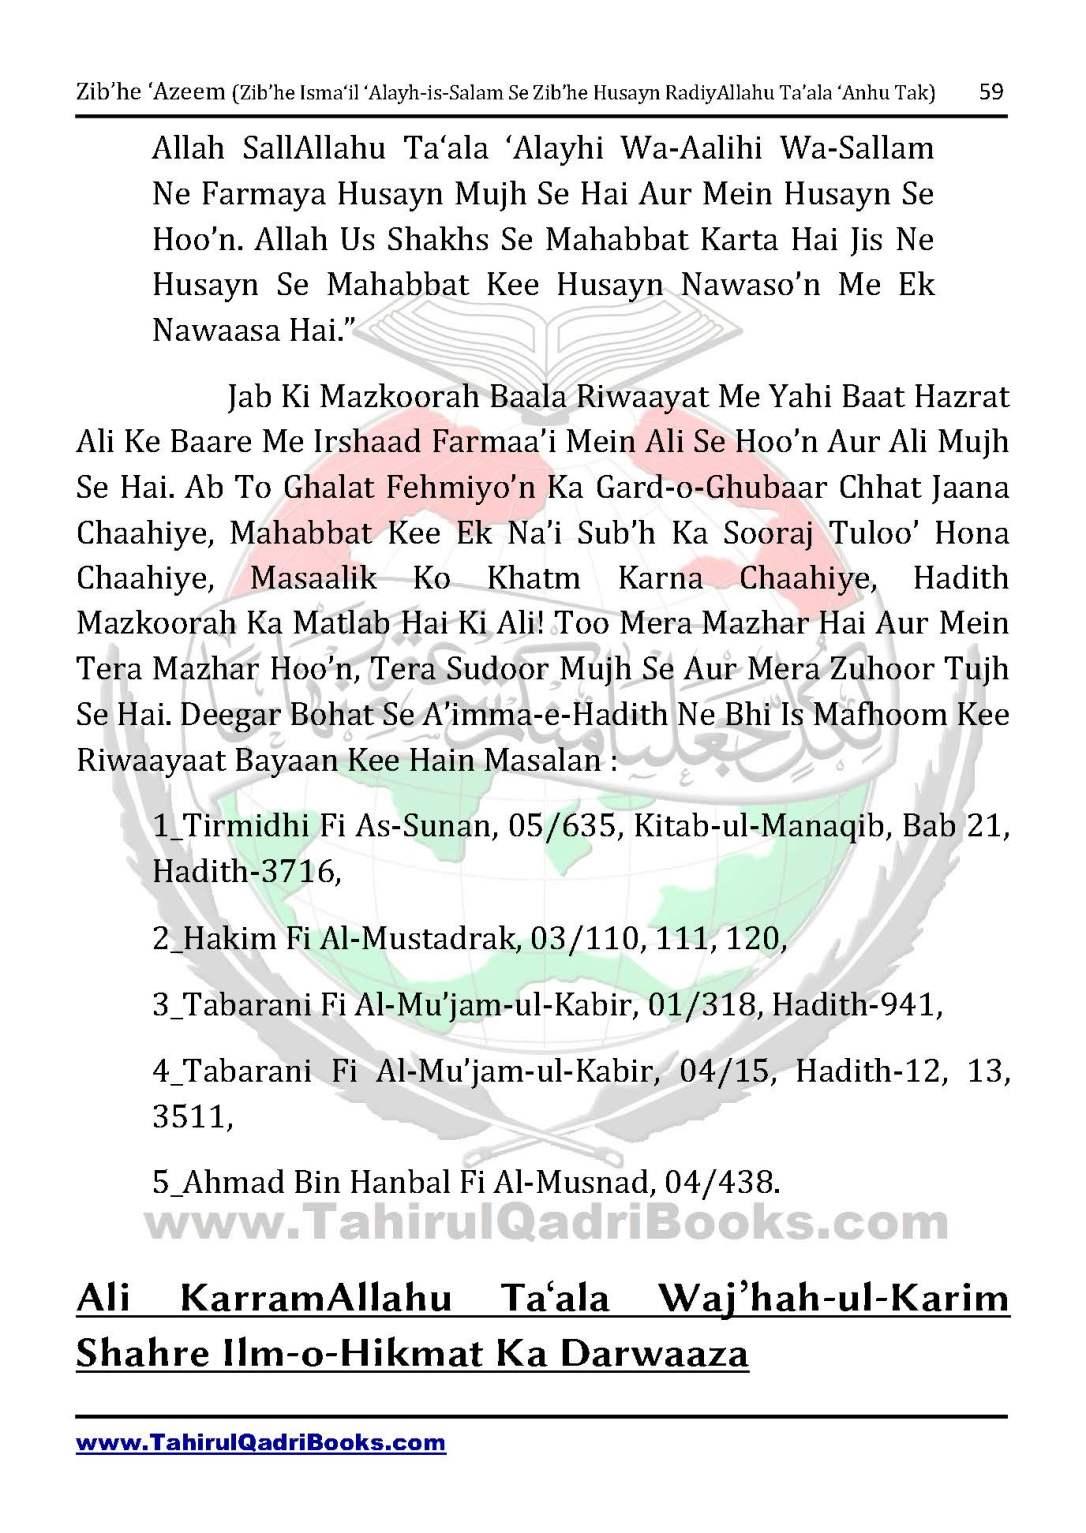 zib_he-e28098azeem-zib_he-ismacabbil-se-zib_he-husayn-tak-in-roman-urdu-unlocked_Page_059